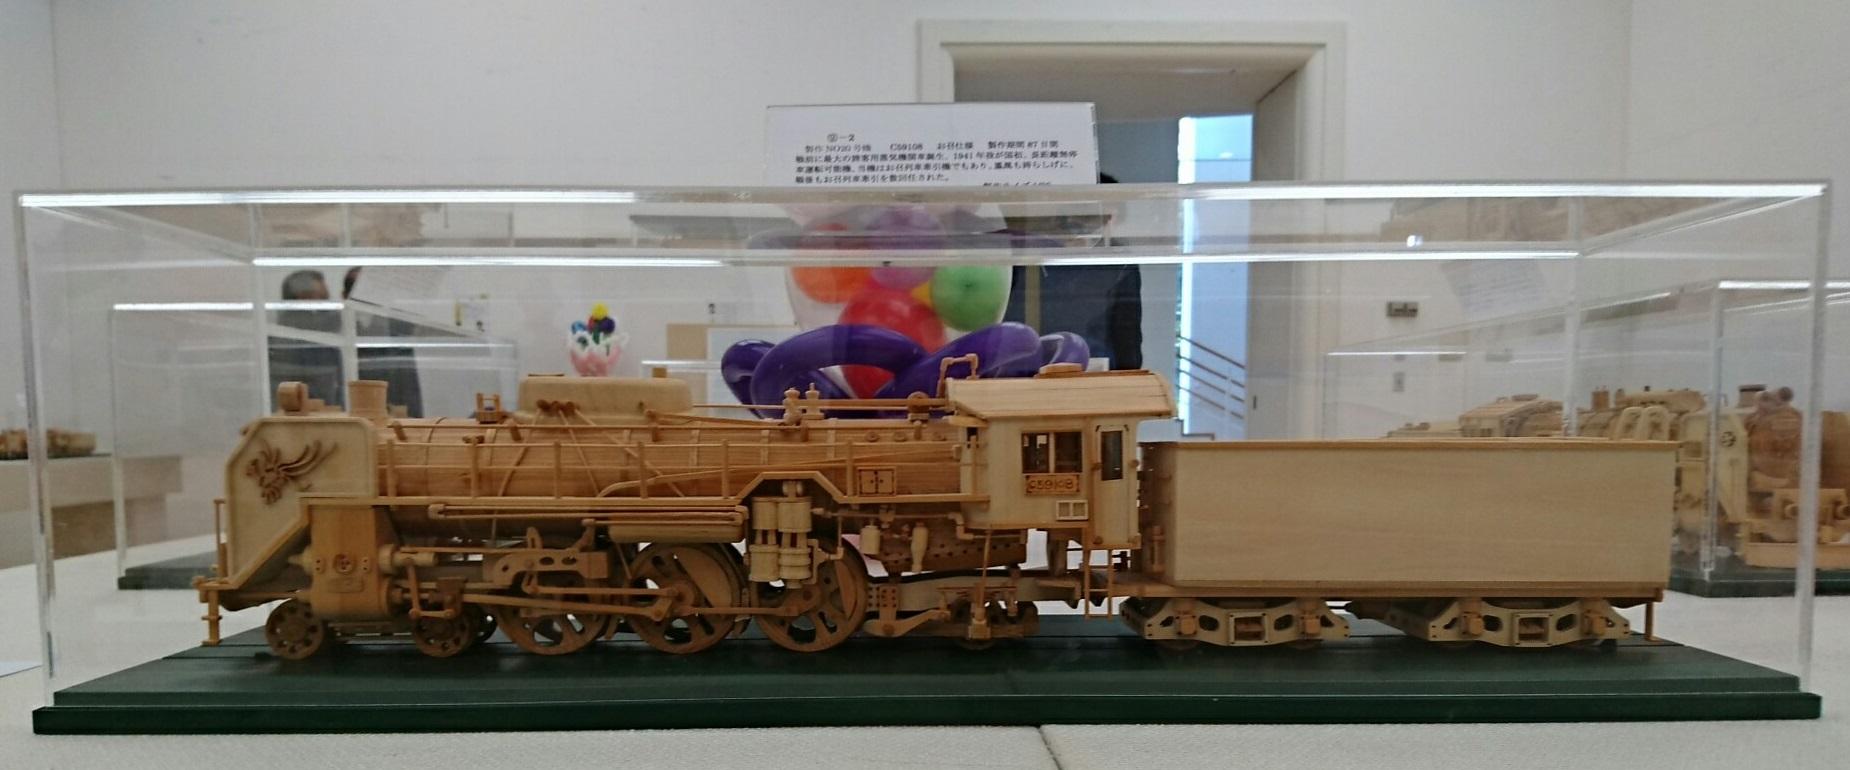 2018.3.24 木工細工蒸気機関車作品展 (13) C59108 1850-770